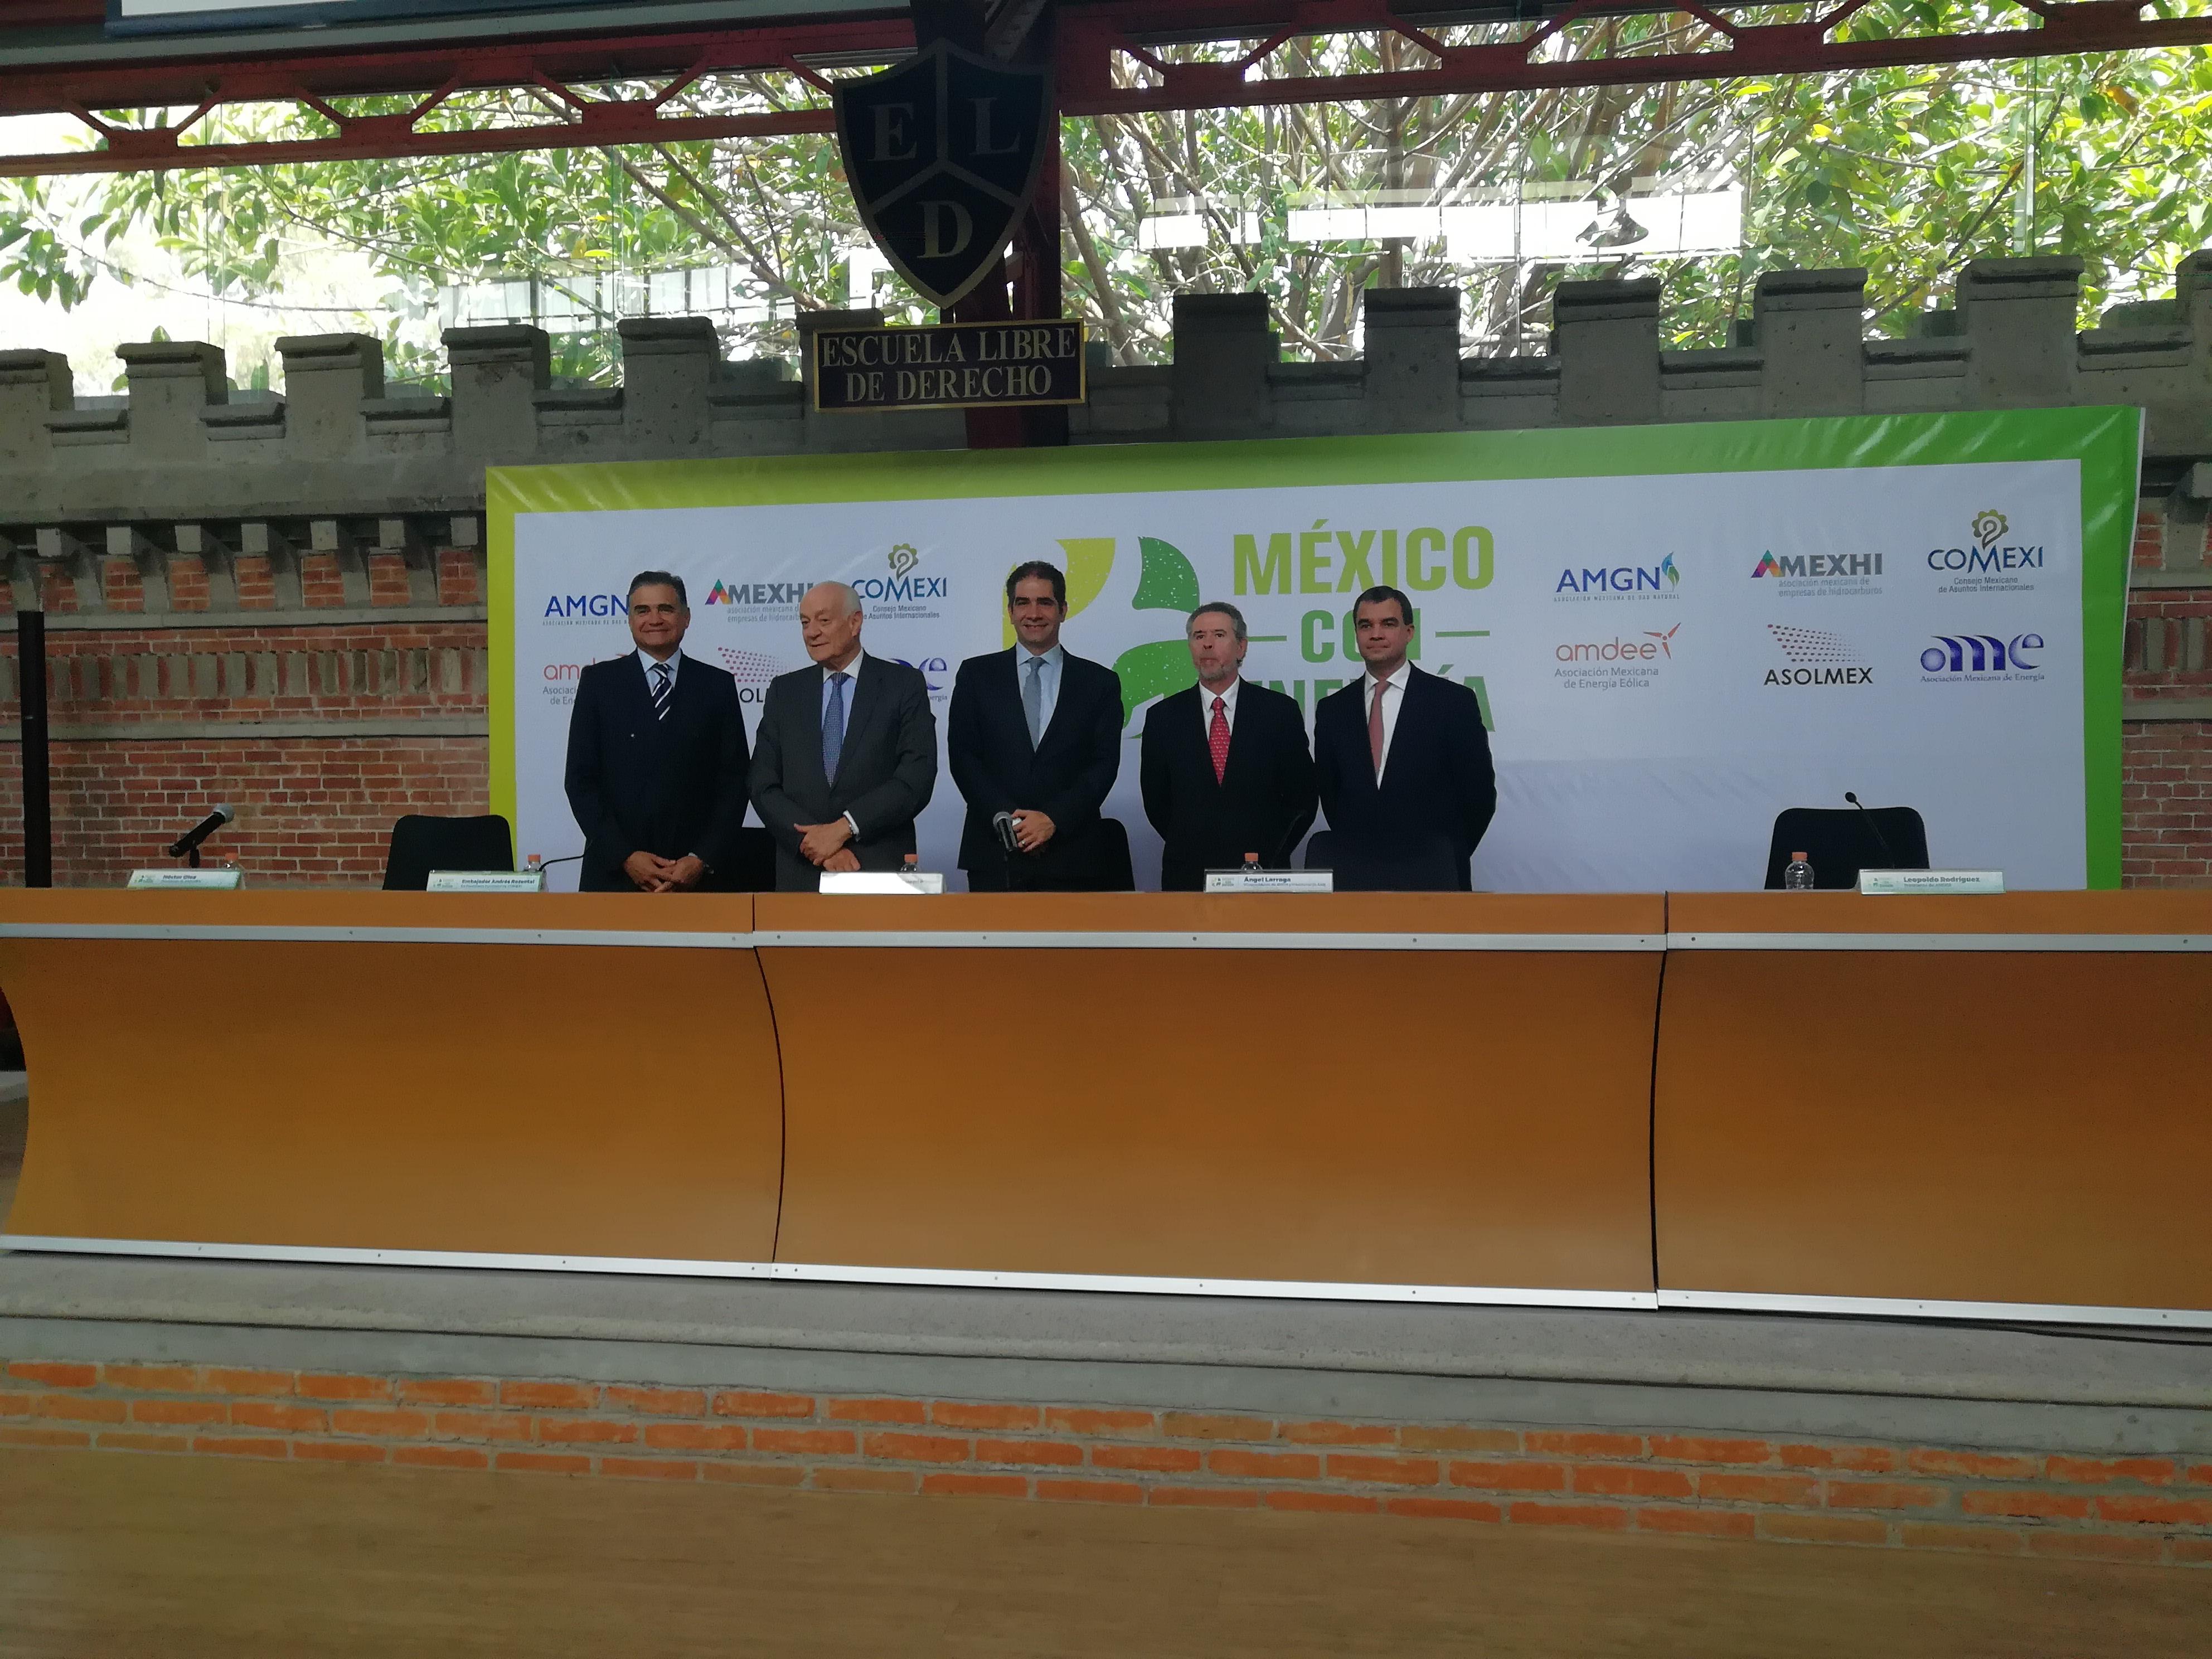 Reforma energética debe continuar sin importar quien sea el presidente: Amexhi